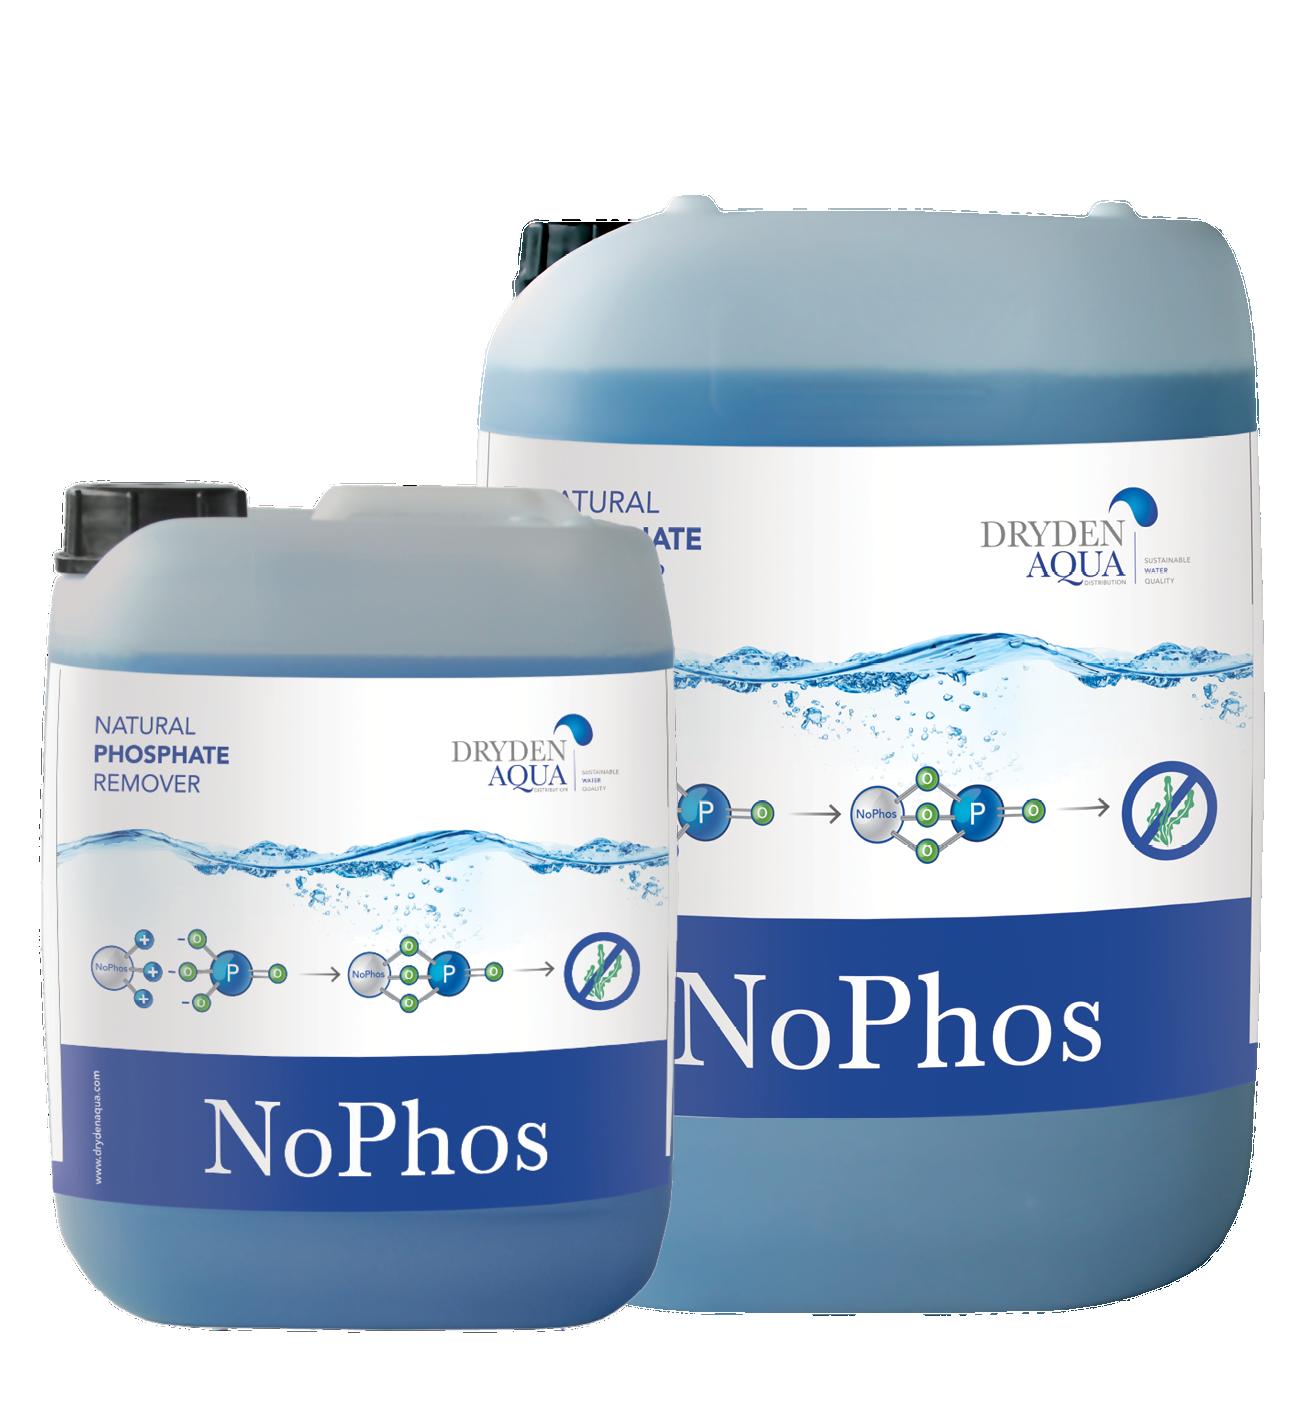 nophos